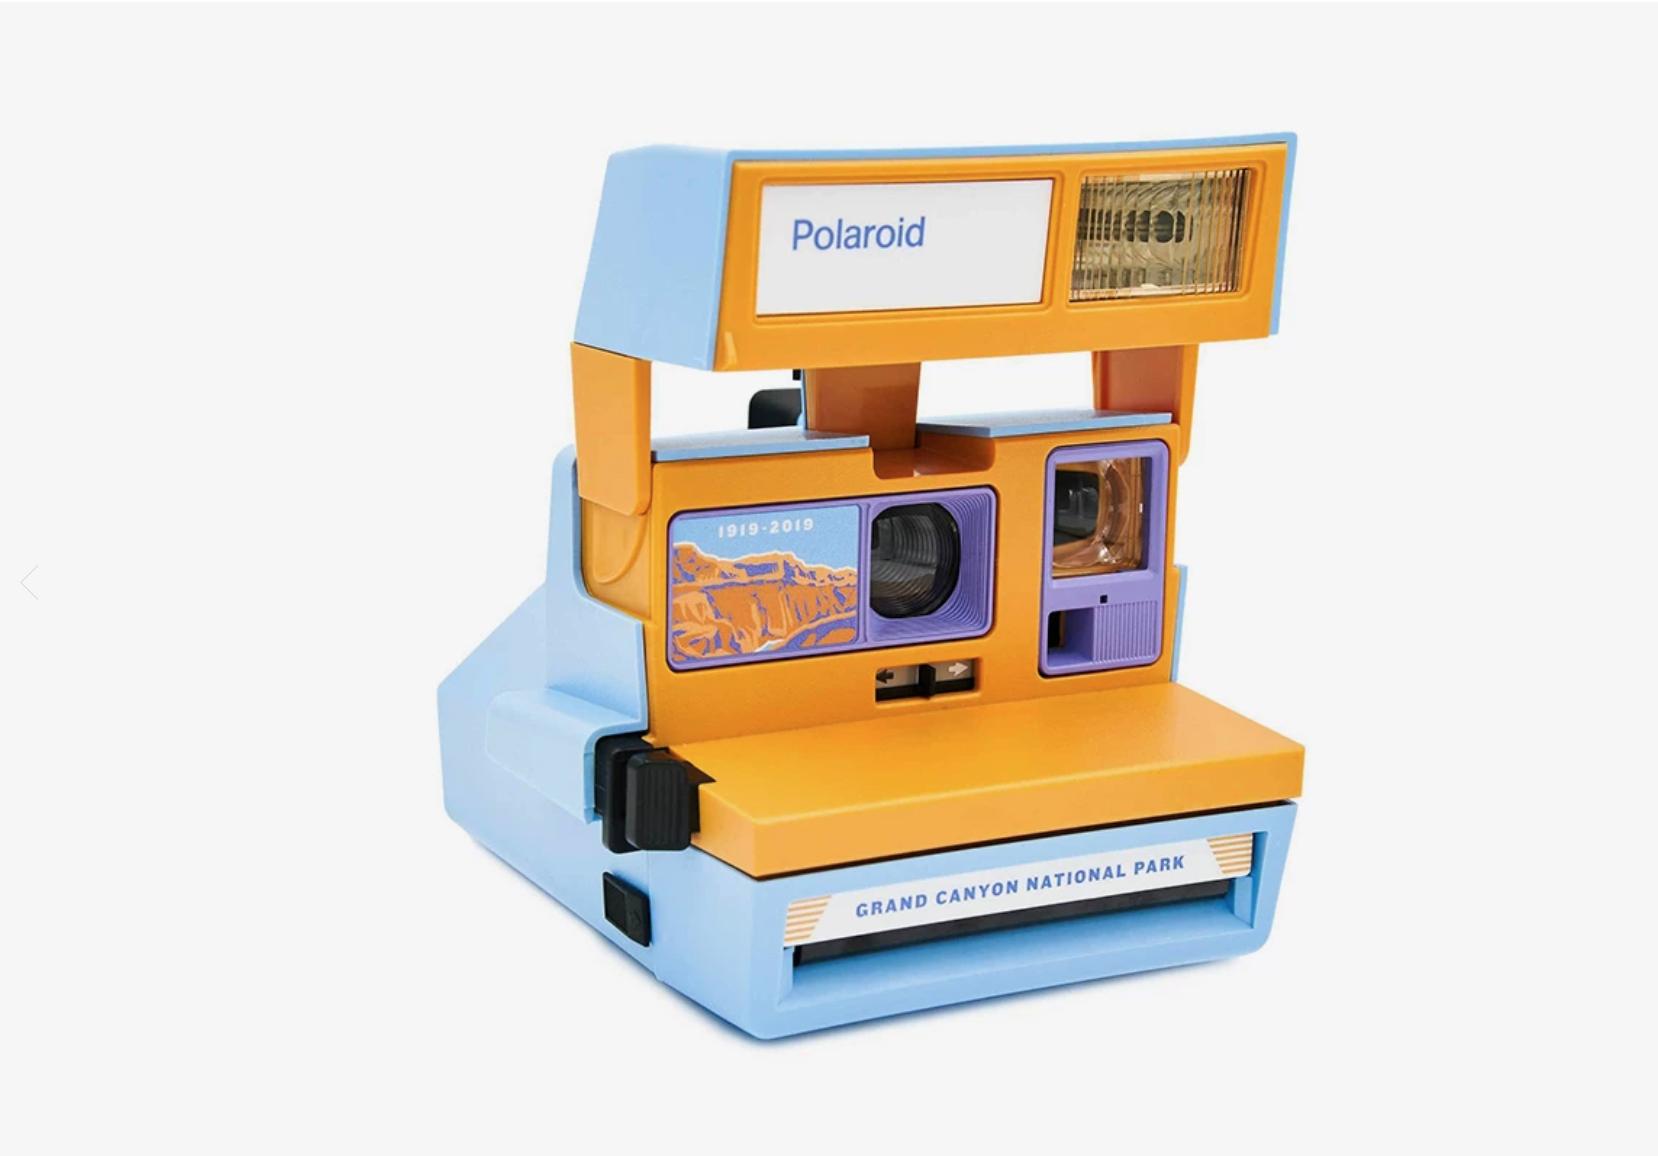 Grand Canyon polaroid camera Retrospekt and Parks Project